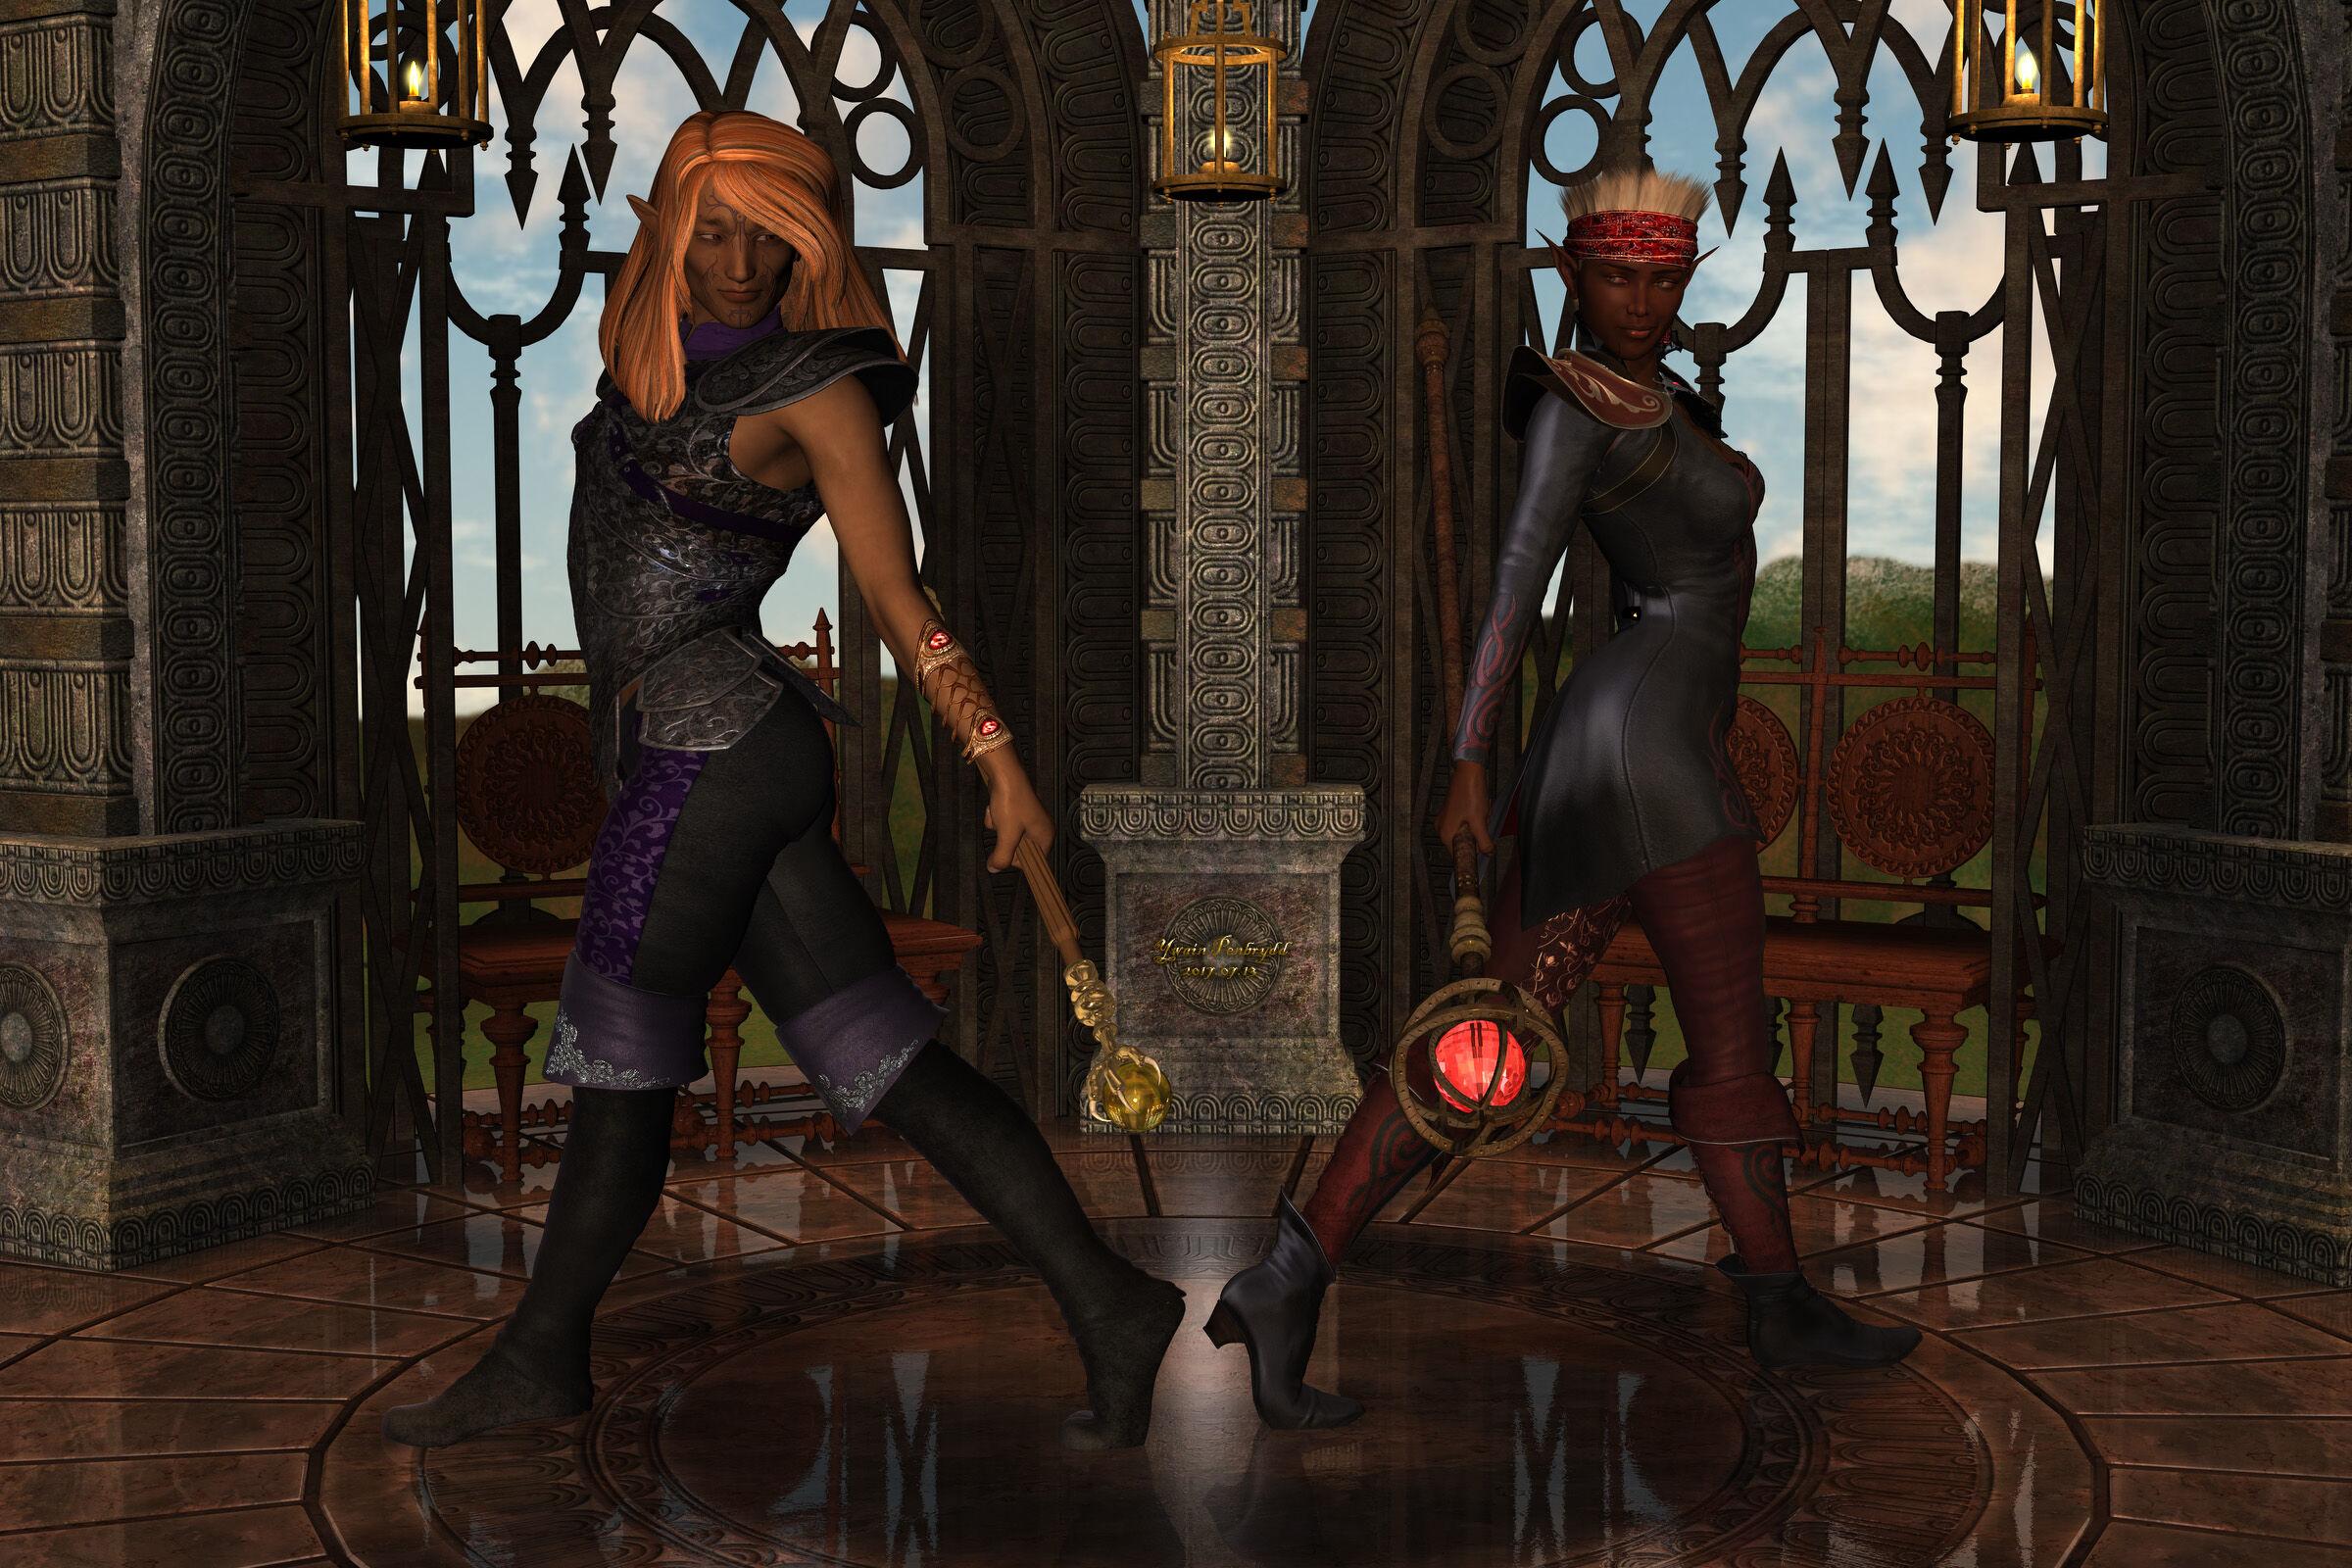 [IMG] candles-fendin-duel-01-02-fix.jpg